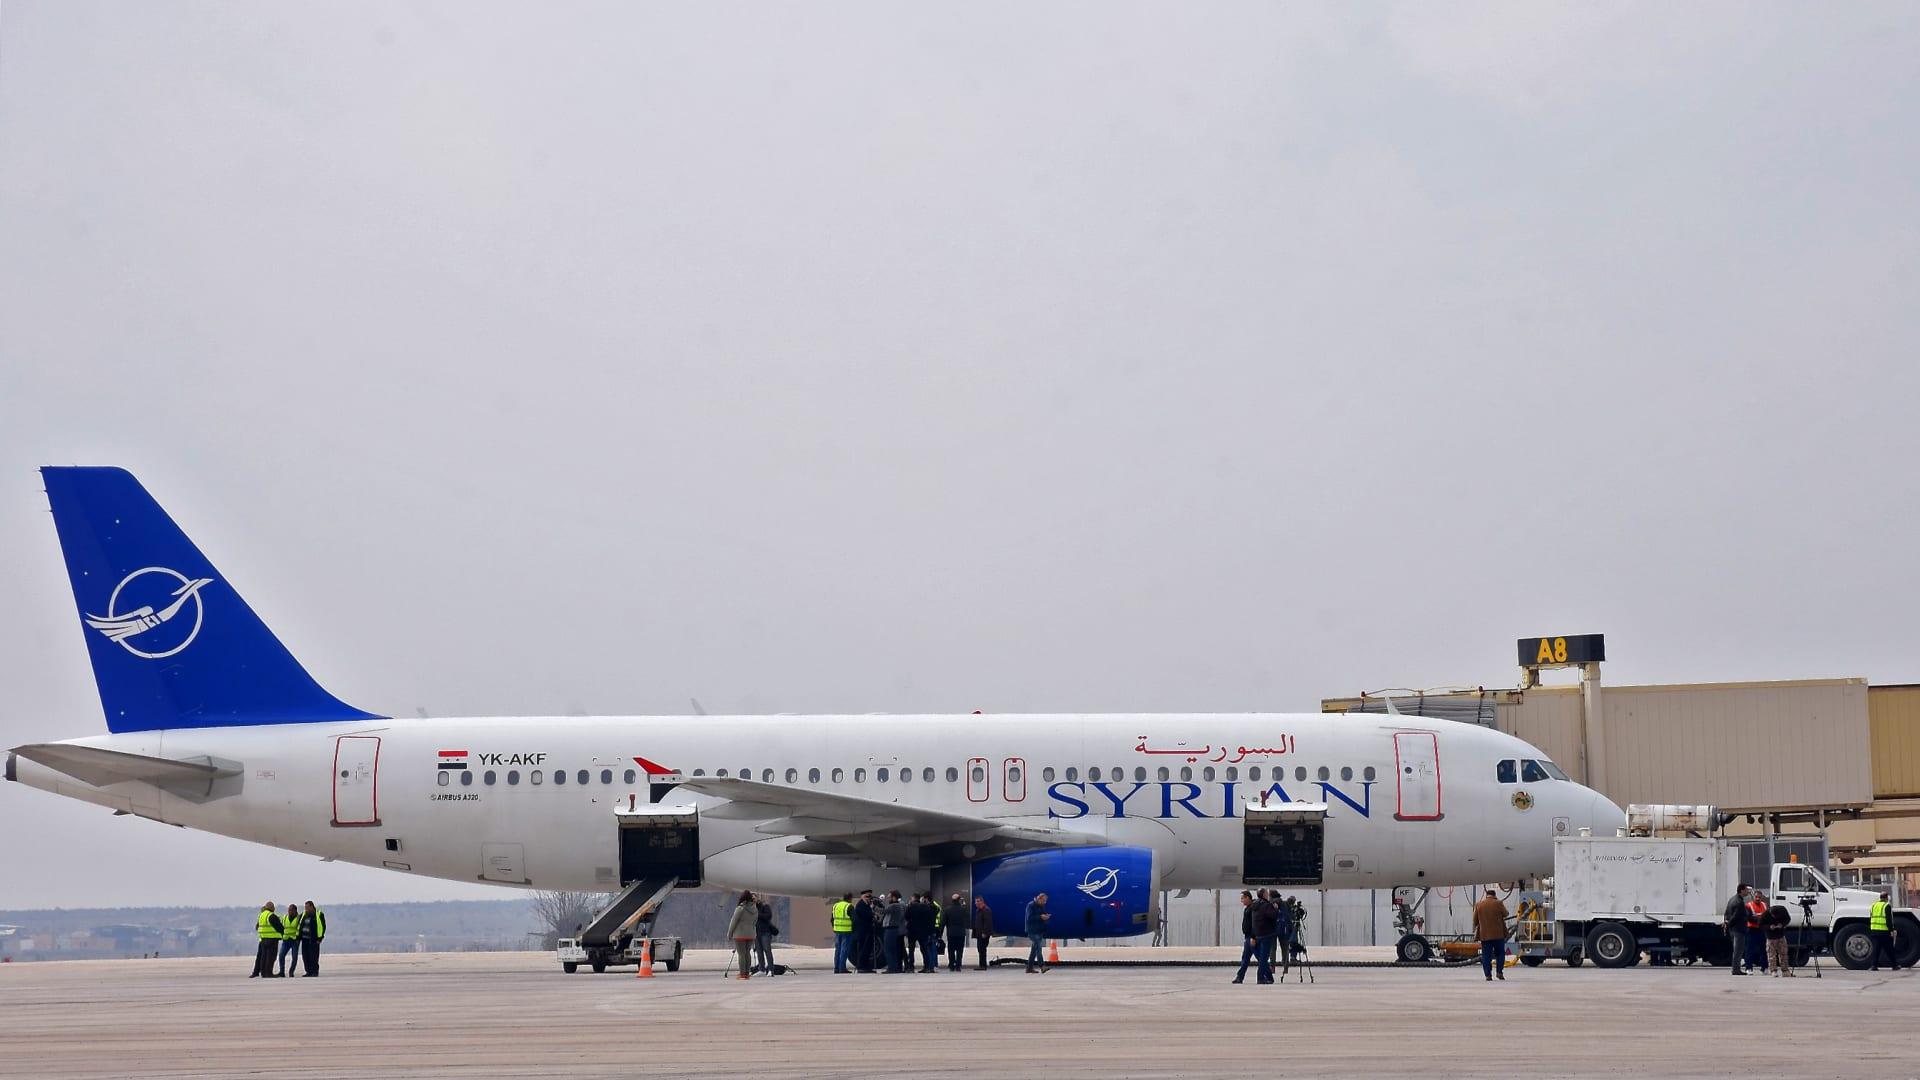 شركة طيران خاضعة لعقوبات تحرك أول رحلة دولية إلى حلب منذ قرابة عقد من الزمان